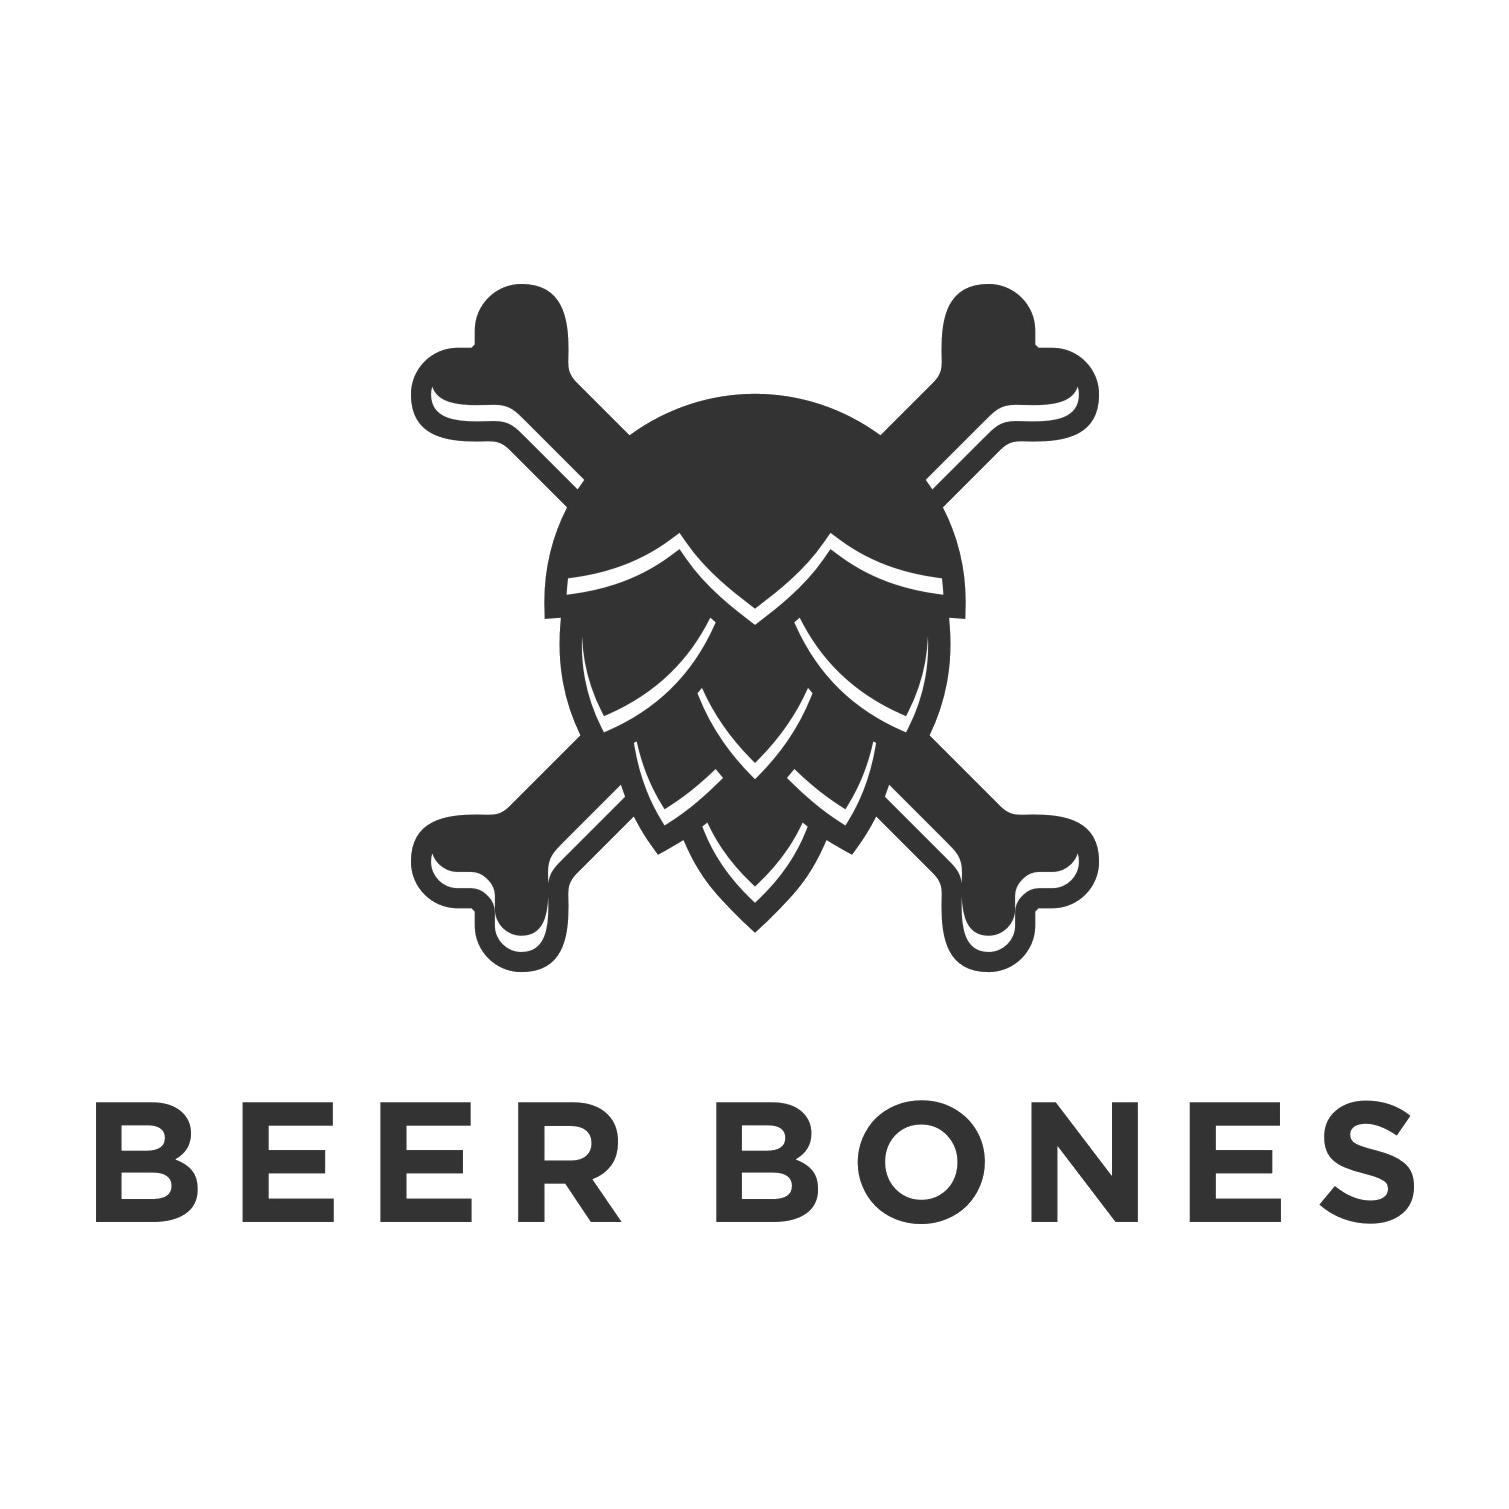 Beer Bones